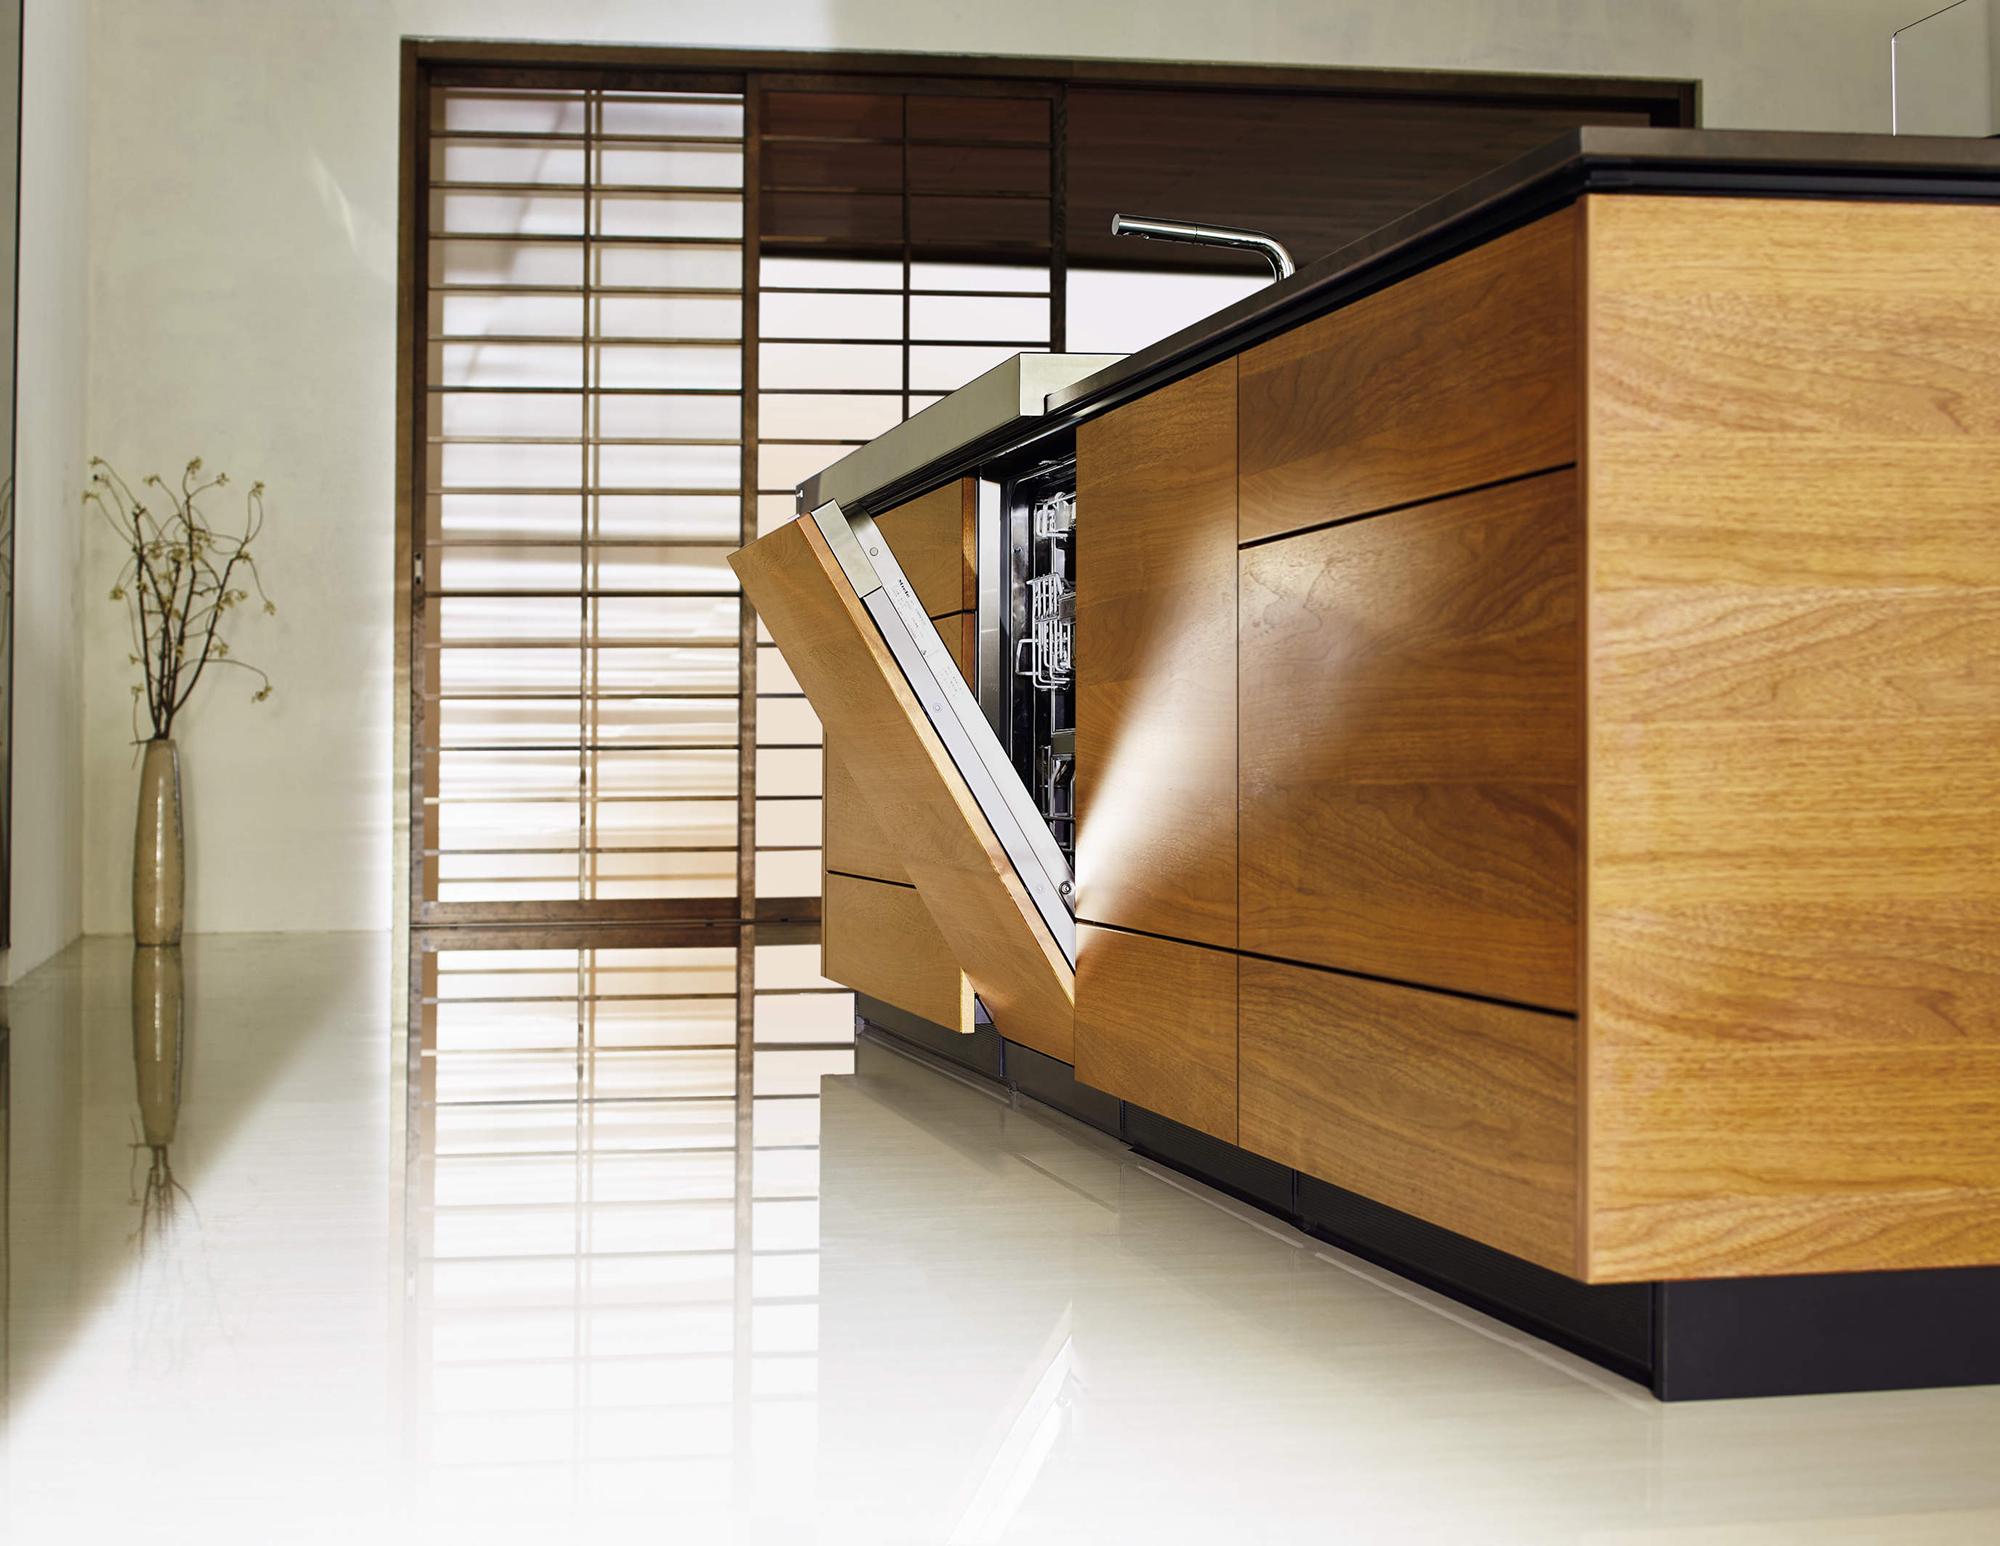 クリナップ、中高級キッチンでミーレ食洗機の対応範囲拡大